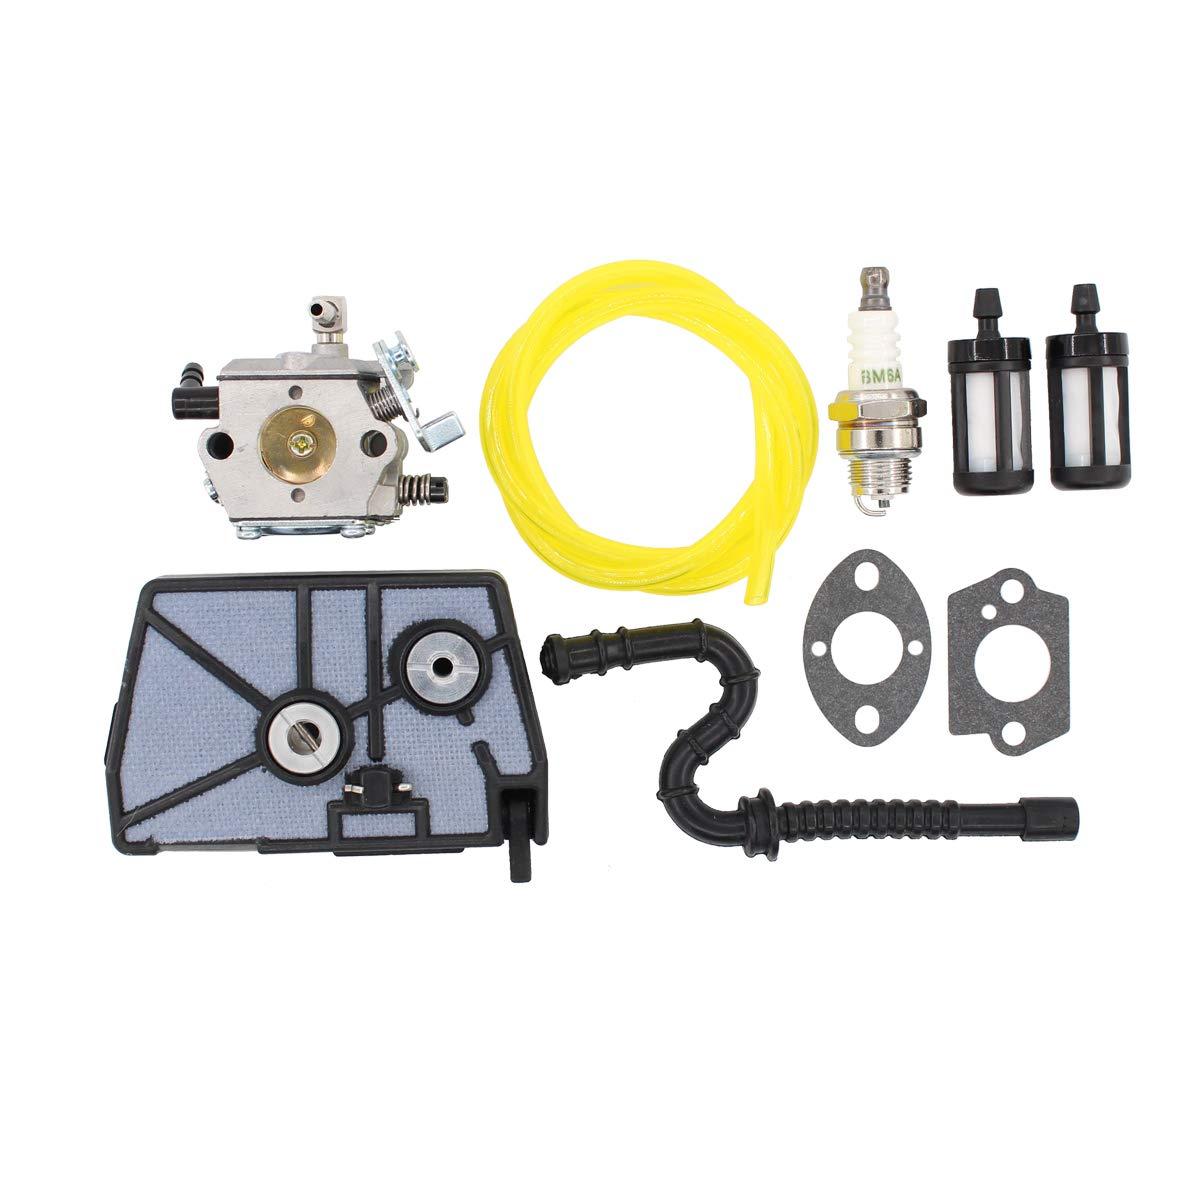 MOTOKU Carburetor Air Filter Fuel Line Filer Carb for Stihl 028 028AV 028 AV Super Wood Boss Chainsaw Replaces Walbro WT-16B Tillotson HU-40